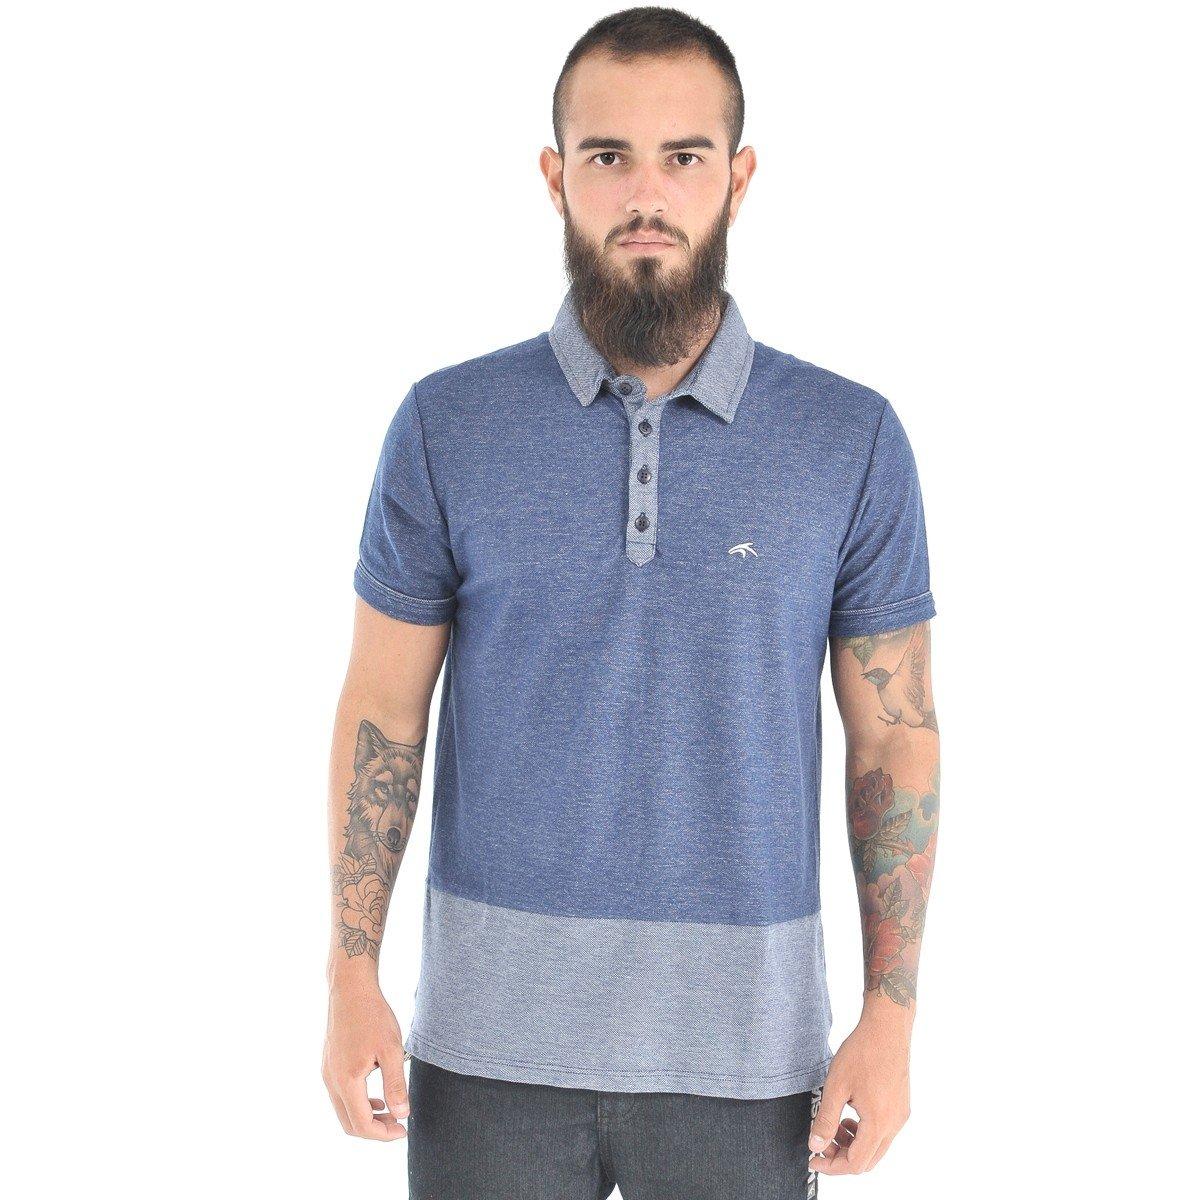 Camisa Polo Maresia Dots - Compre Agora  0383a1733b146